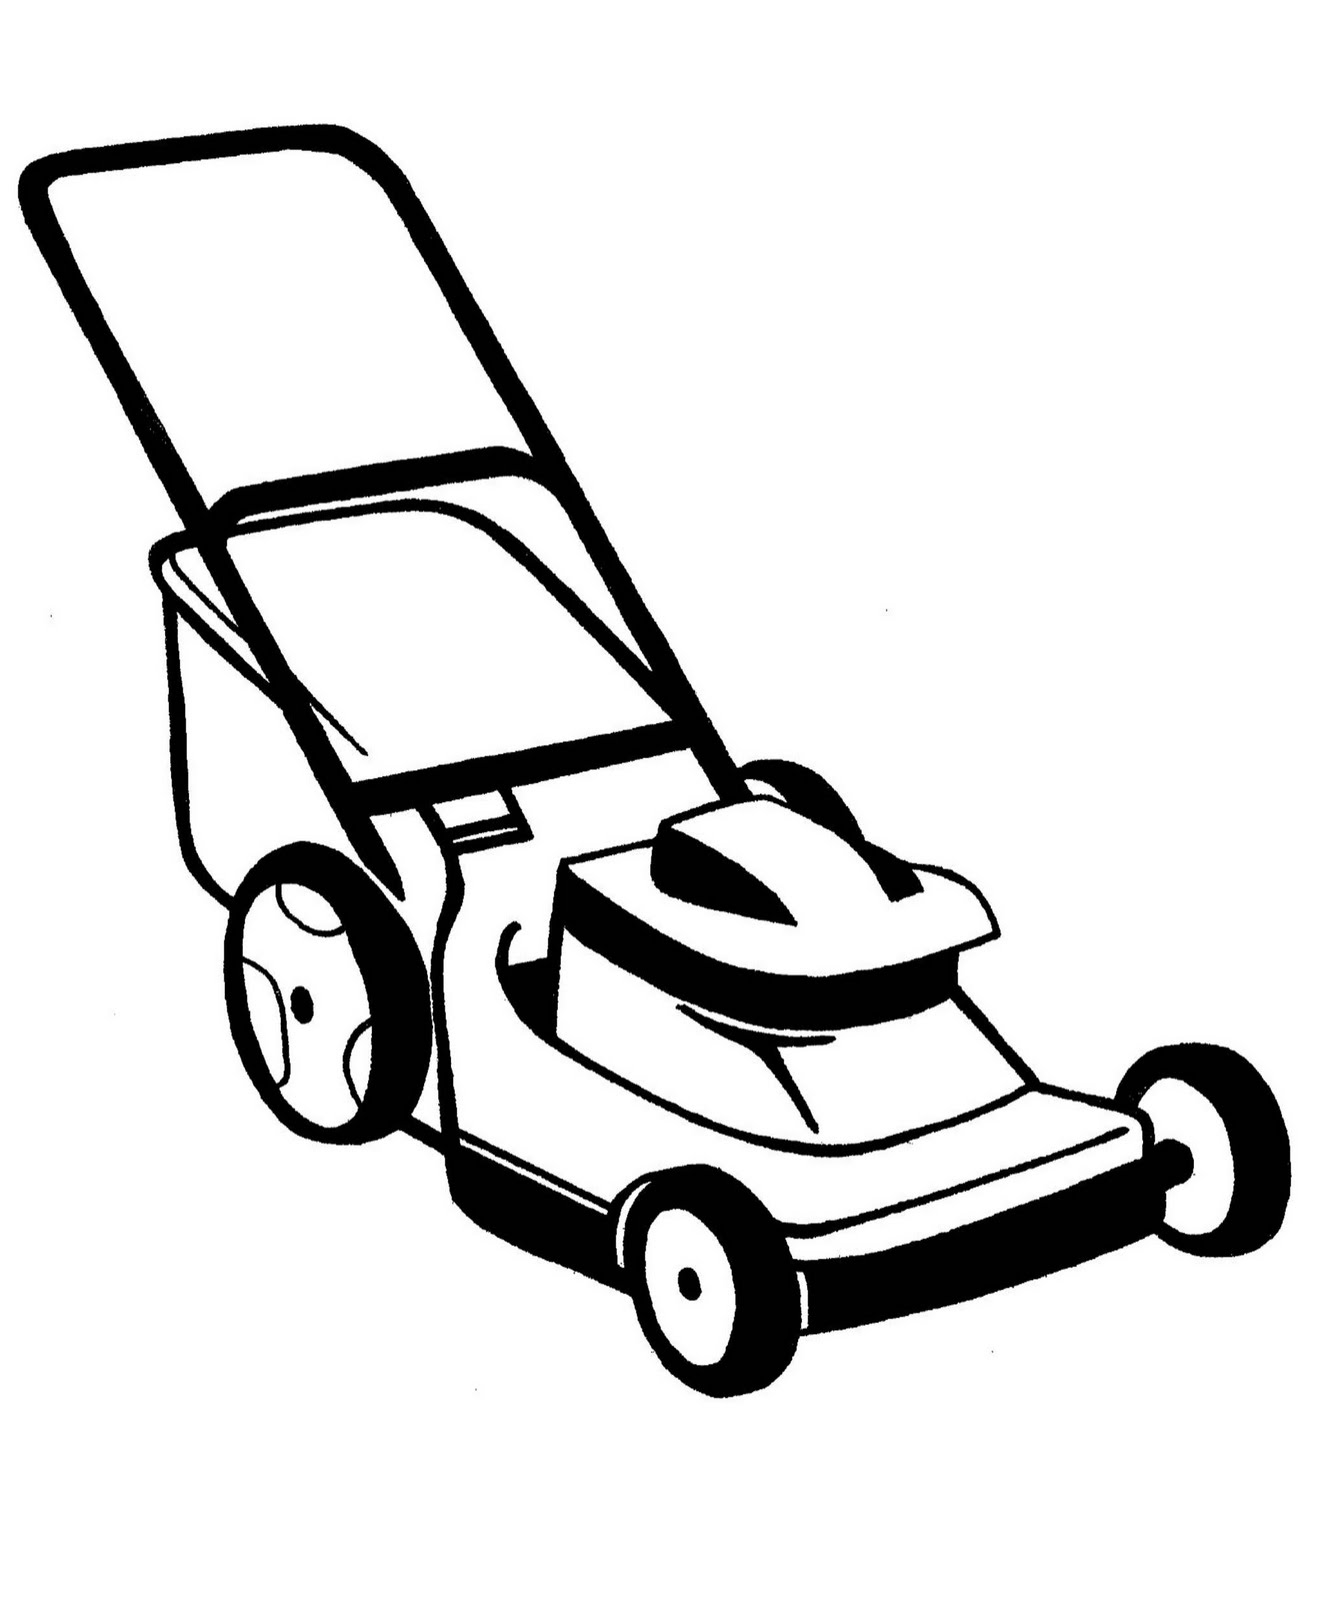 Lawn mower clipart 4